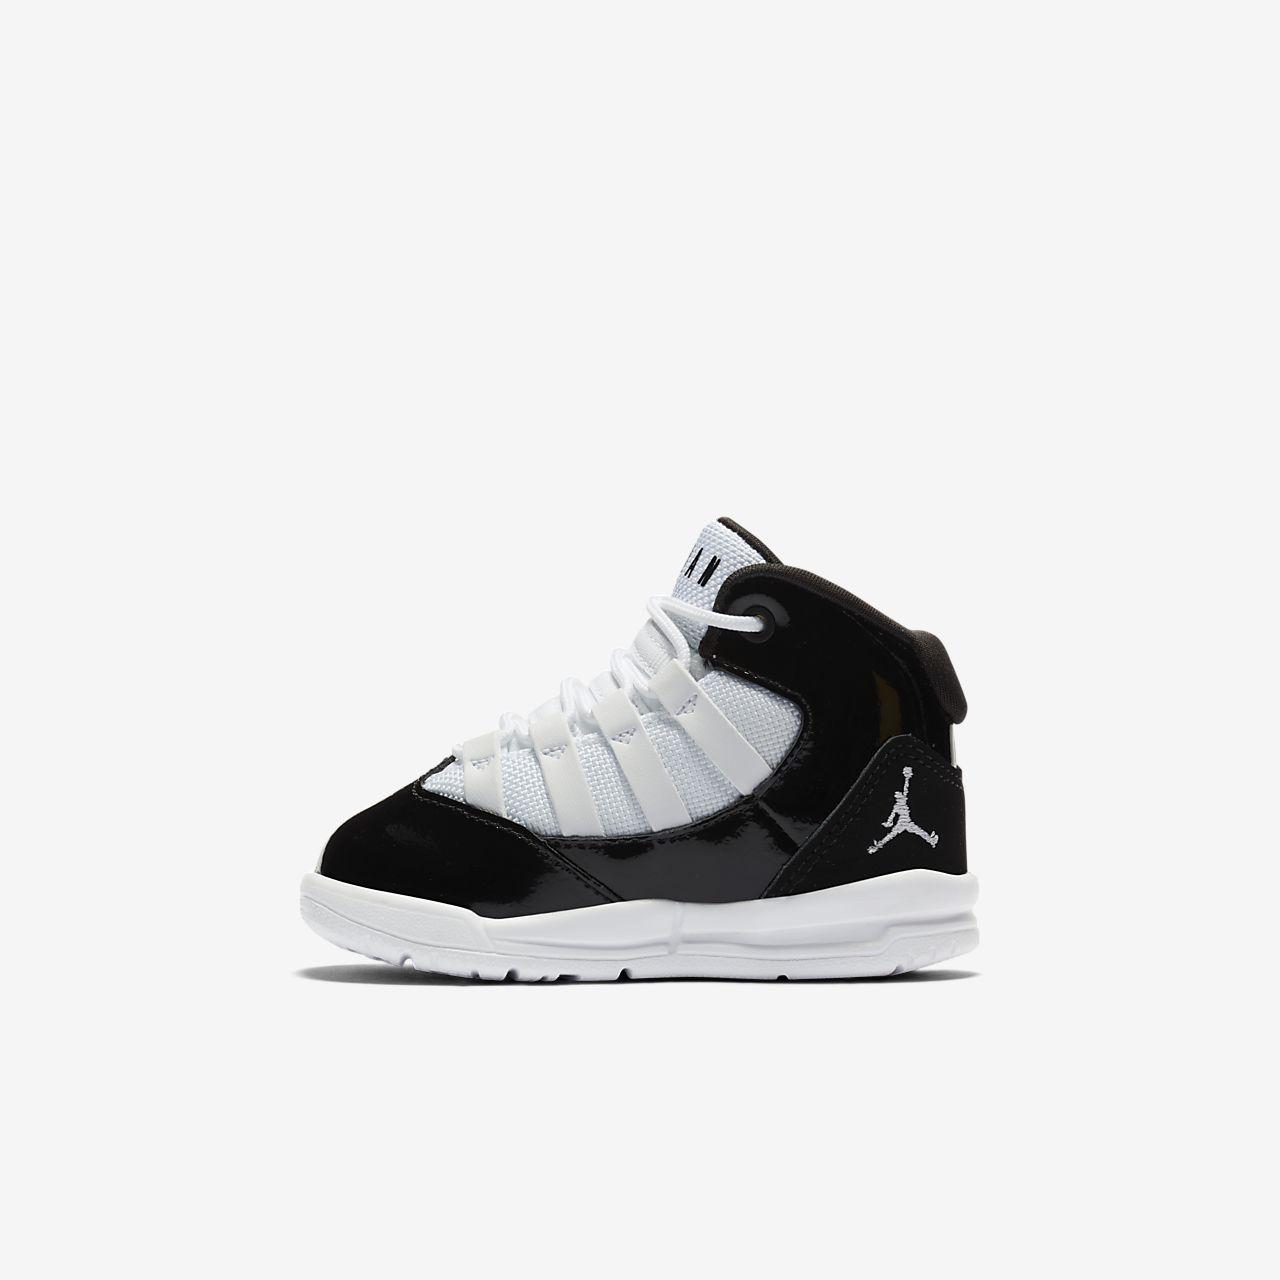 Jordan Max Aura sko til små barn